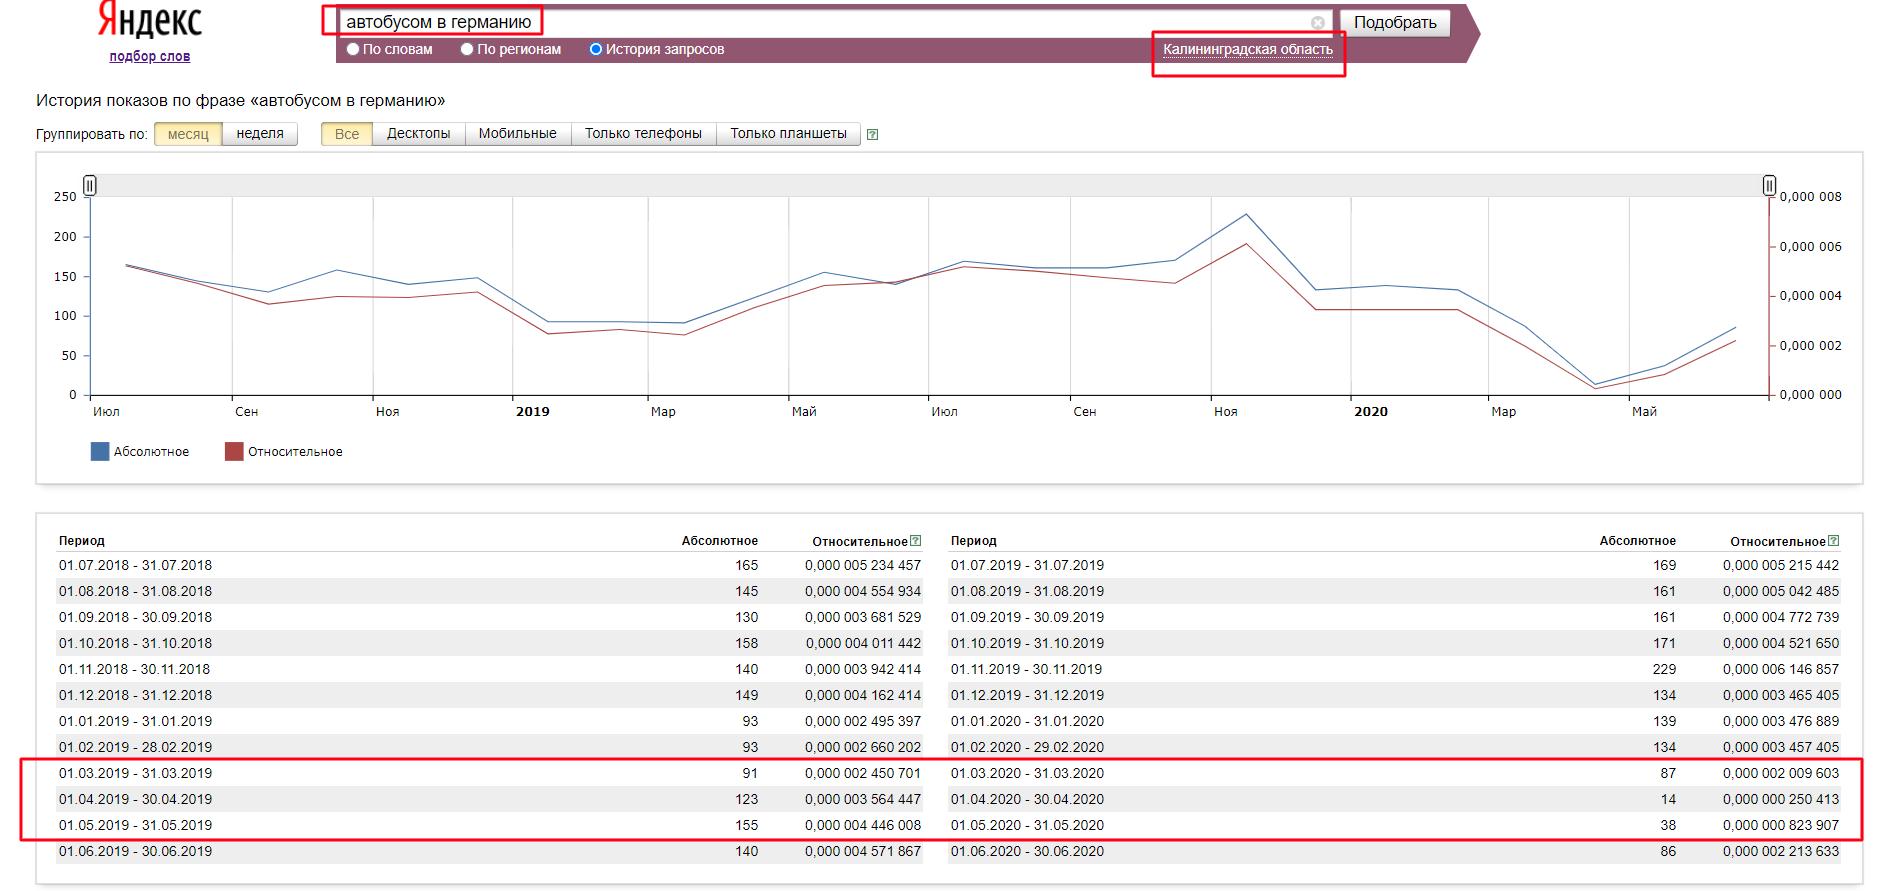 фото изменение частотности запросов